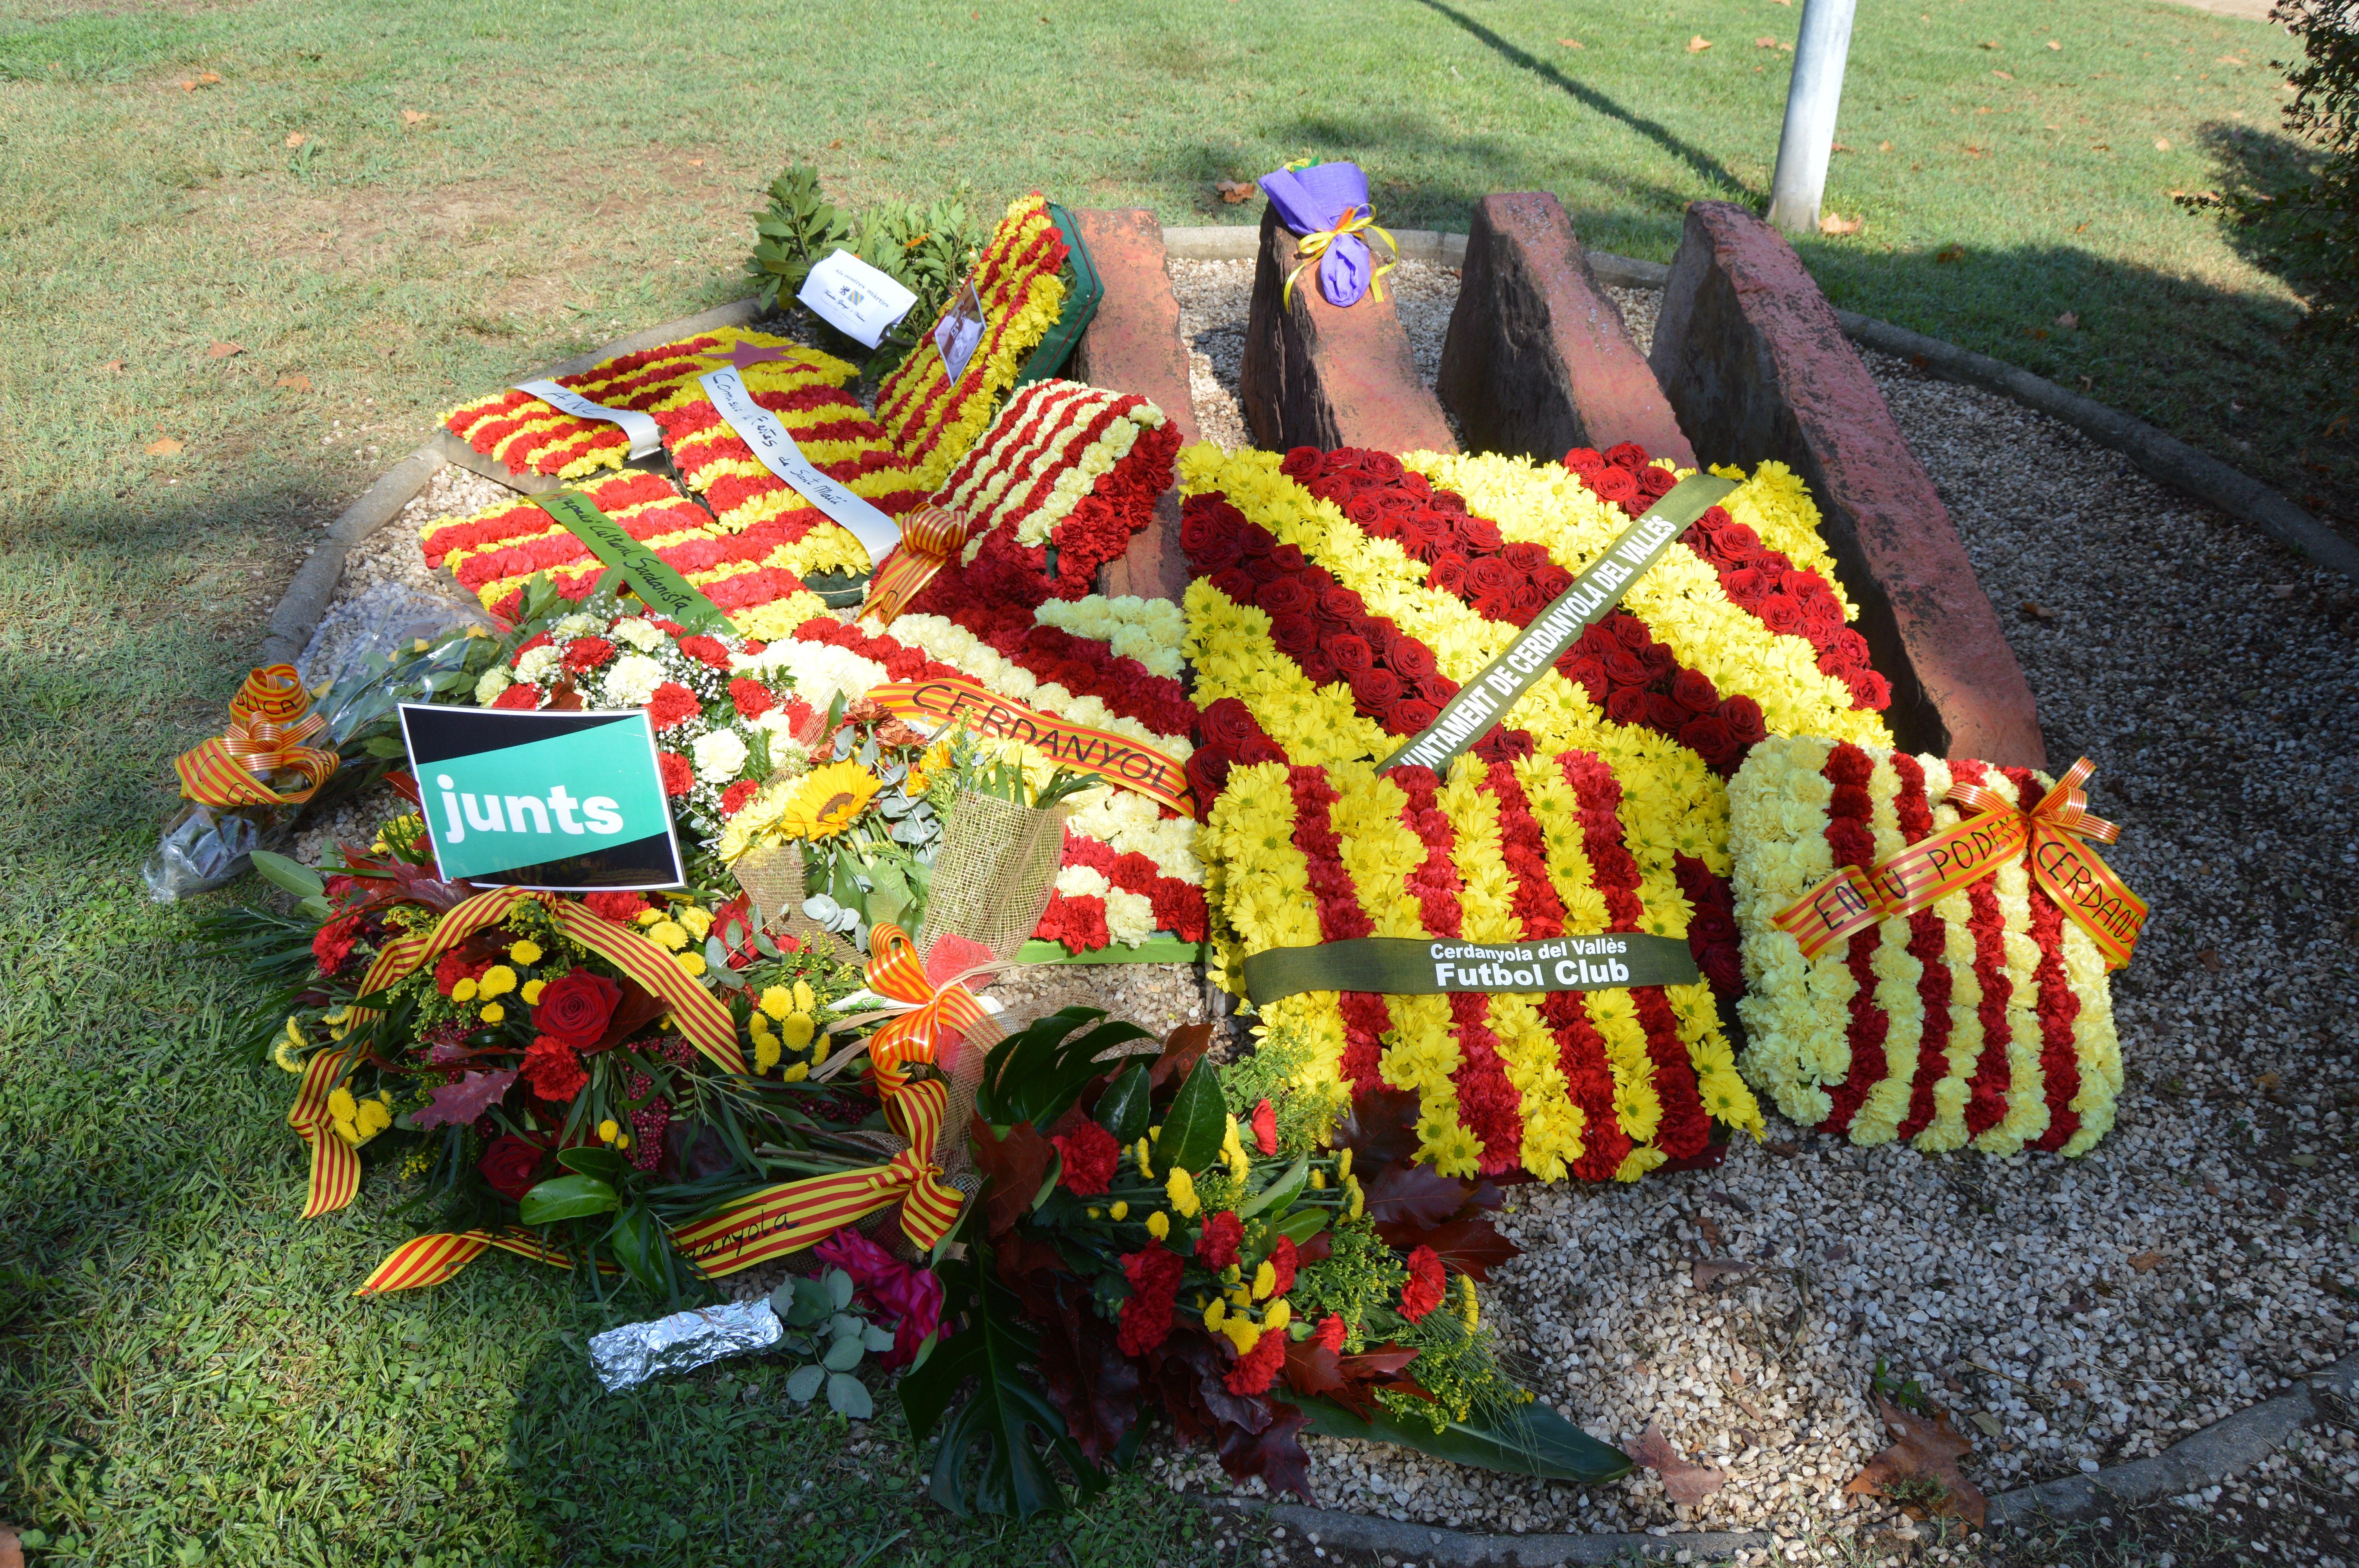 Imatge de l'ofrena floral al complert després de l'ofrena pòstuma. FOTO: Nora Muñoz